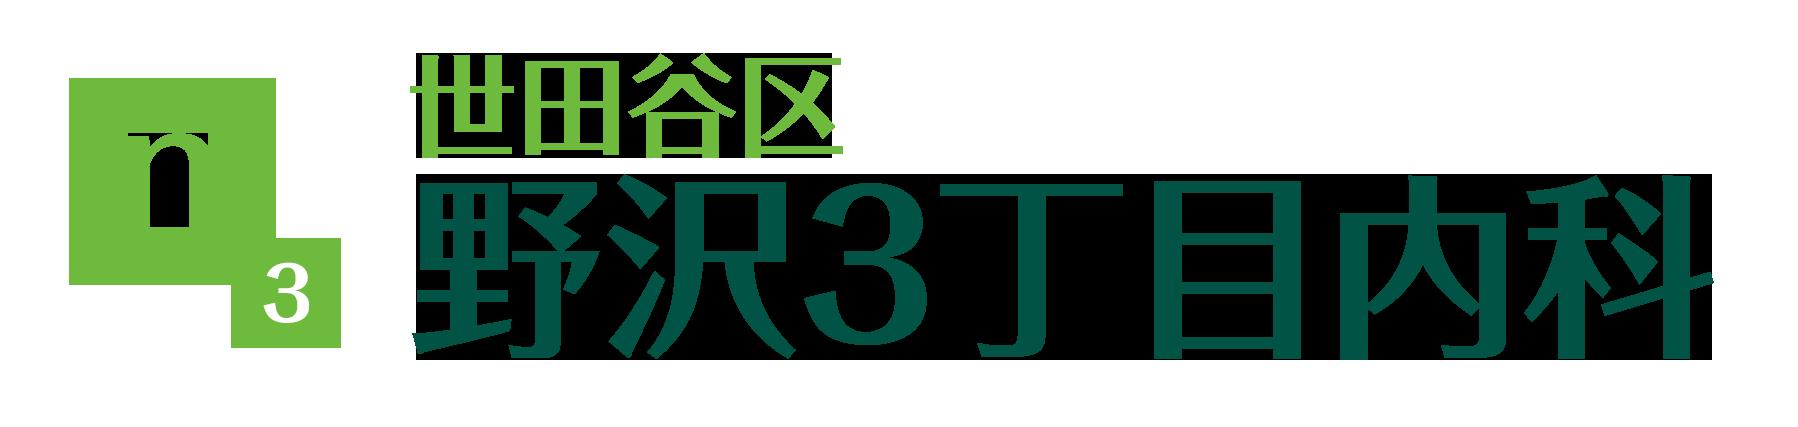 世田谷区野沢3丁目内科ロゴ